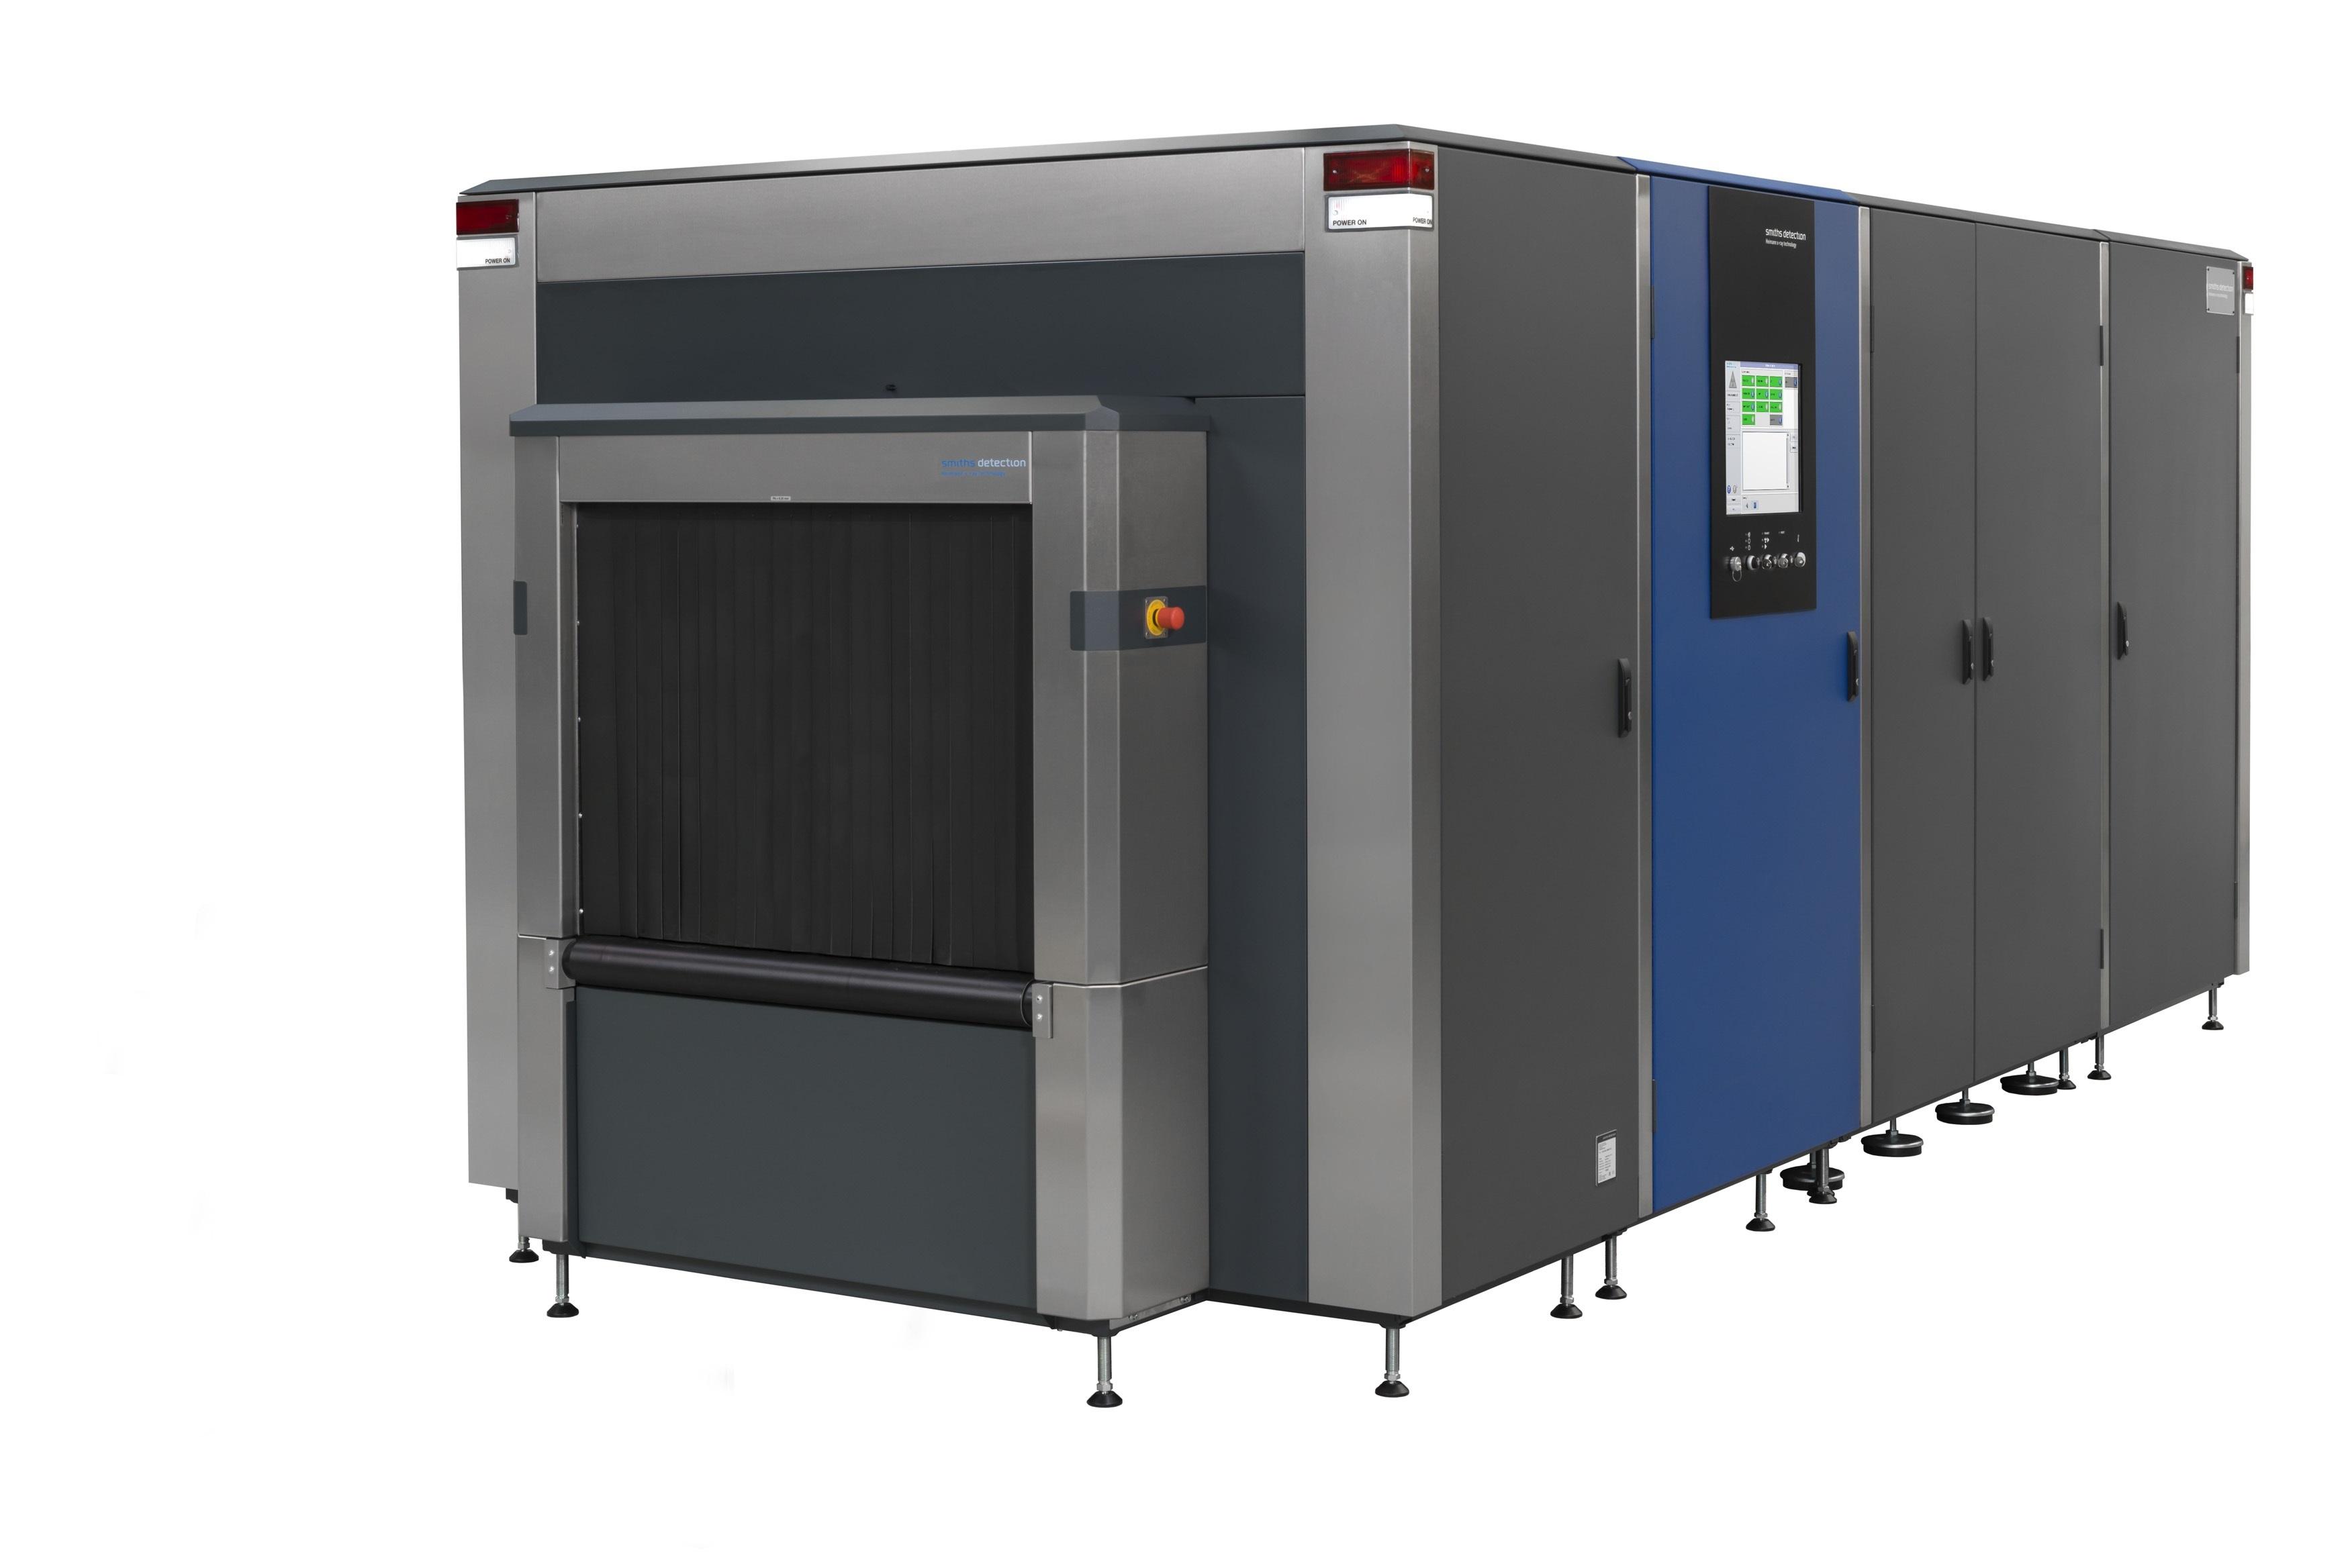 Les scanner de Smiths Detection sont aussi disponibles dans les aéroports /crédit photo Smiths Detection